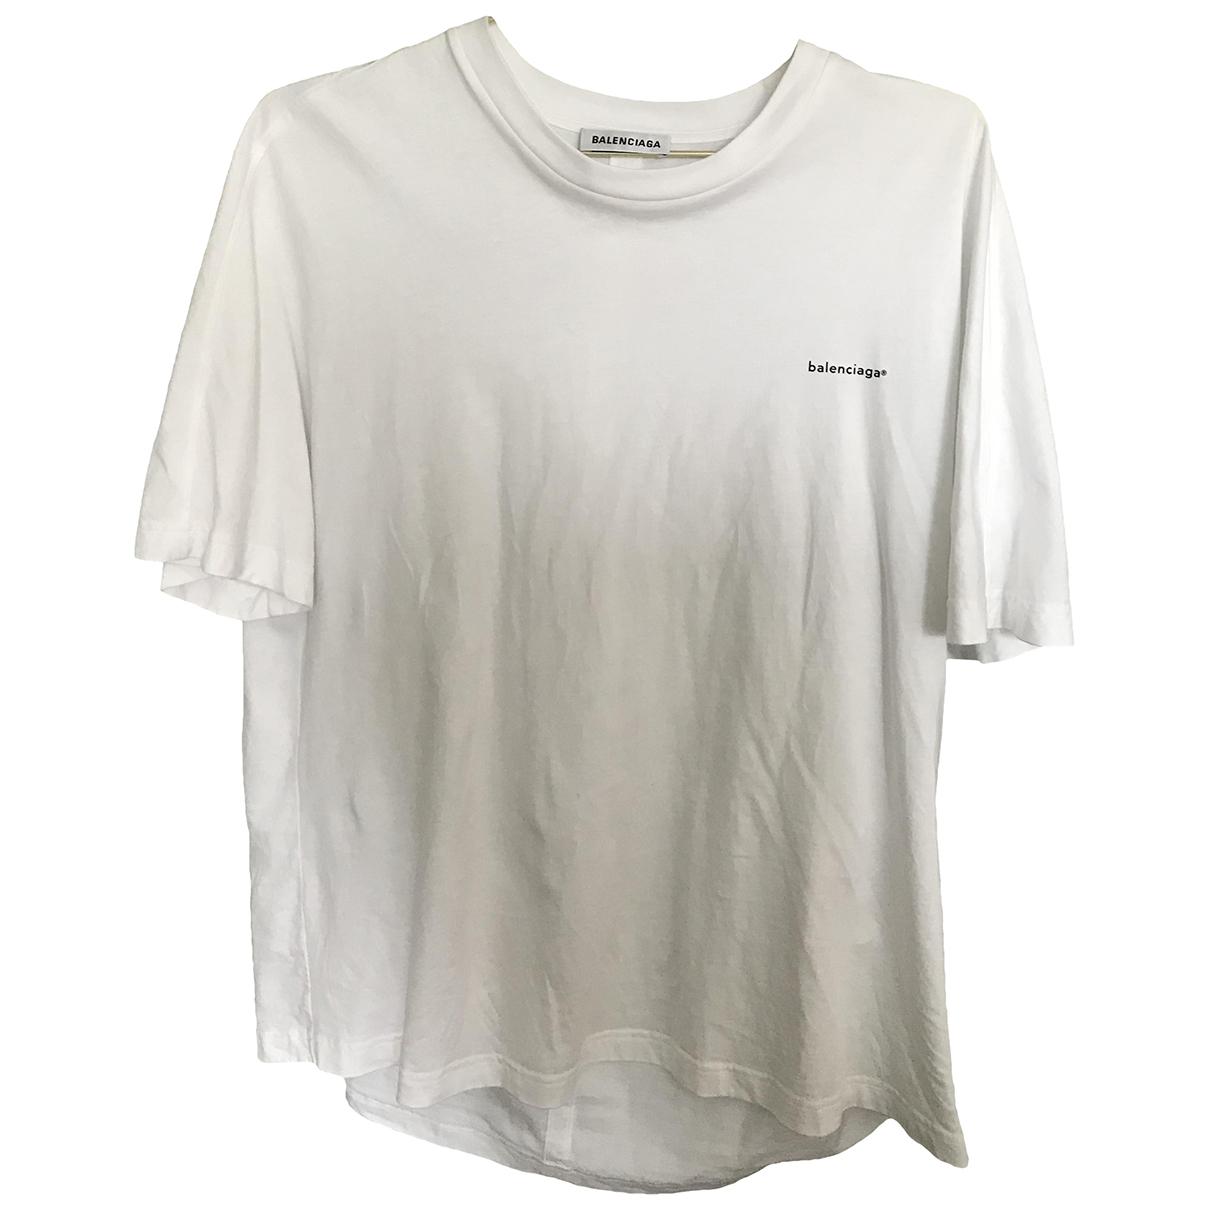 Balenciaga - Top   pour femme en coton - blanc